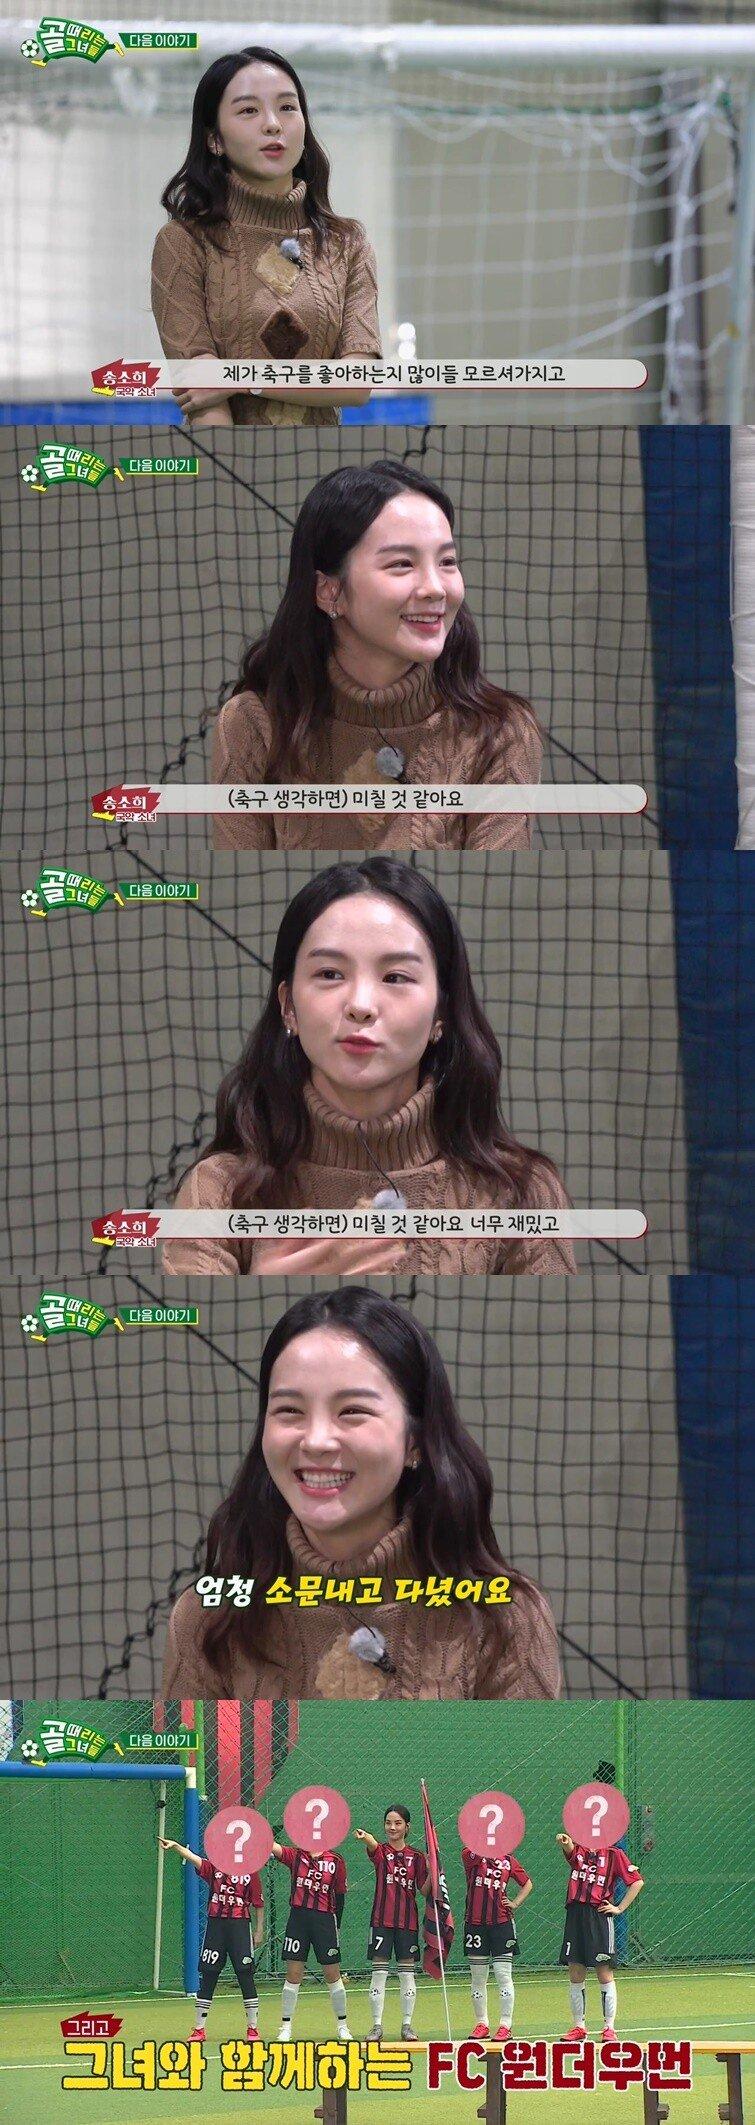 .jpg 풋살 2개 팀 뛰면서 8개월동안 매주 축구 했다는 국악소녀 송소희 축구실력.mp4